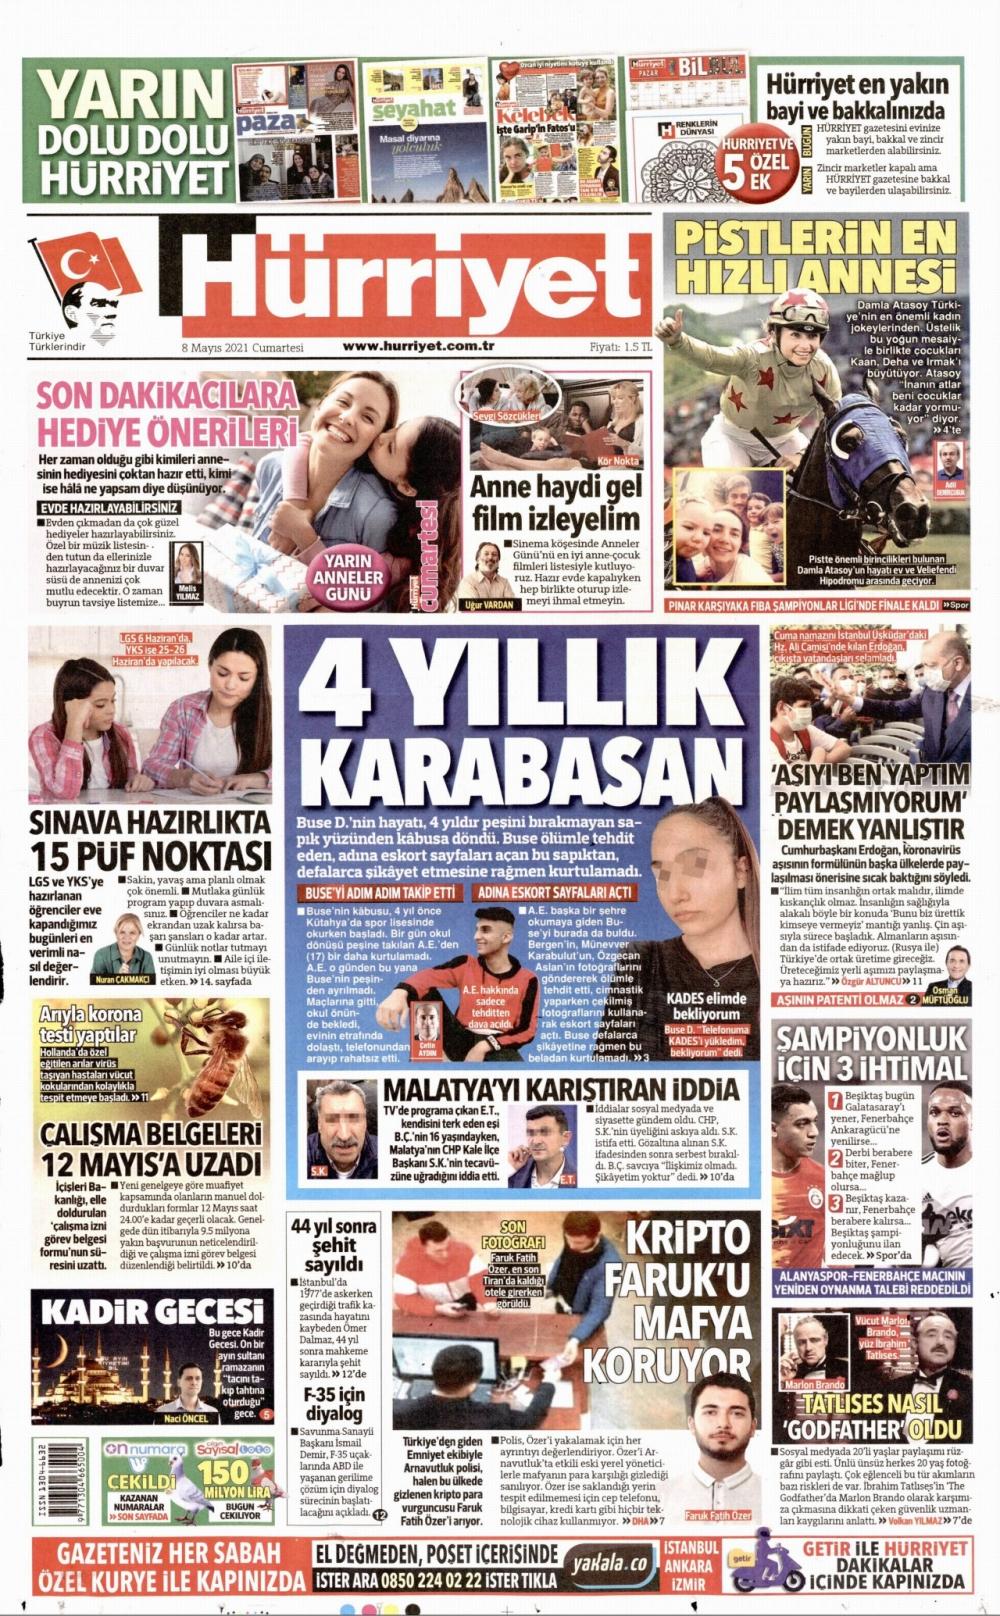 Günün Gazete Manşetleri 8 Mayıs 2021 Gazeteler Ne Diyor? 1